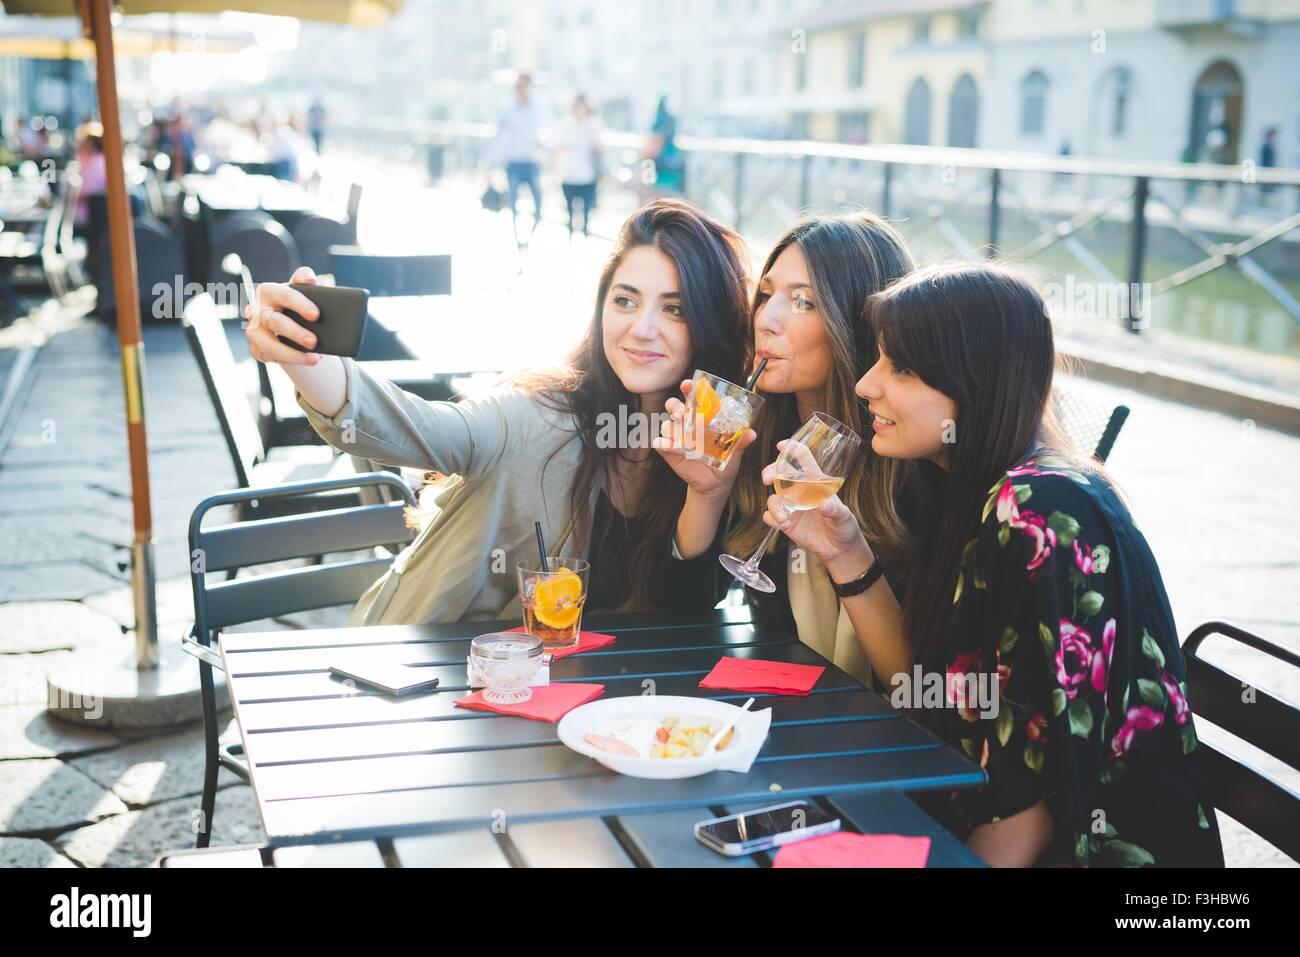 Trois jeunes femmes se faisant passer pour des selfies smartphone at waterfront cafe Photo Stock